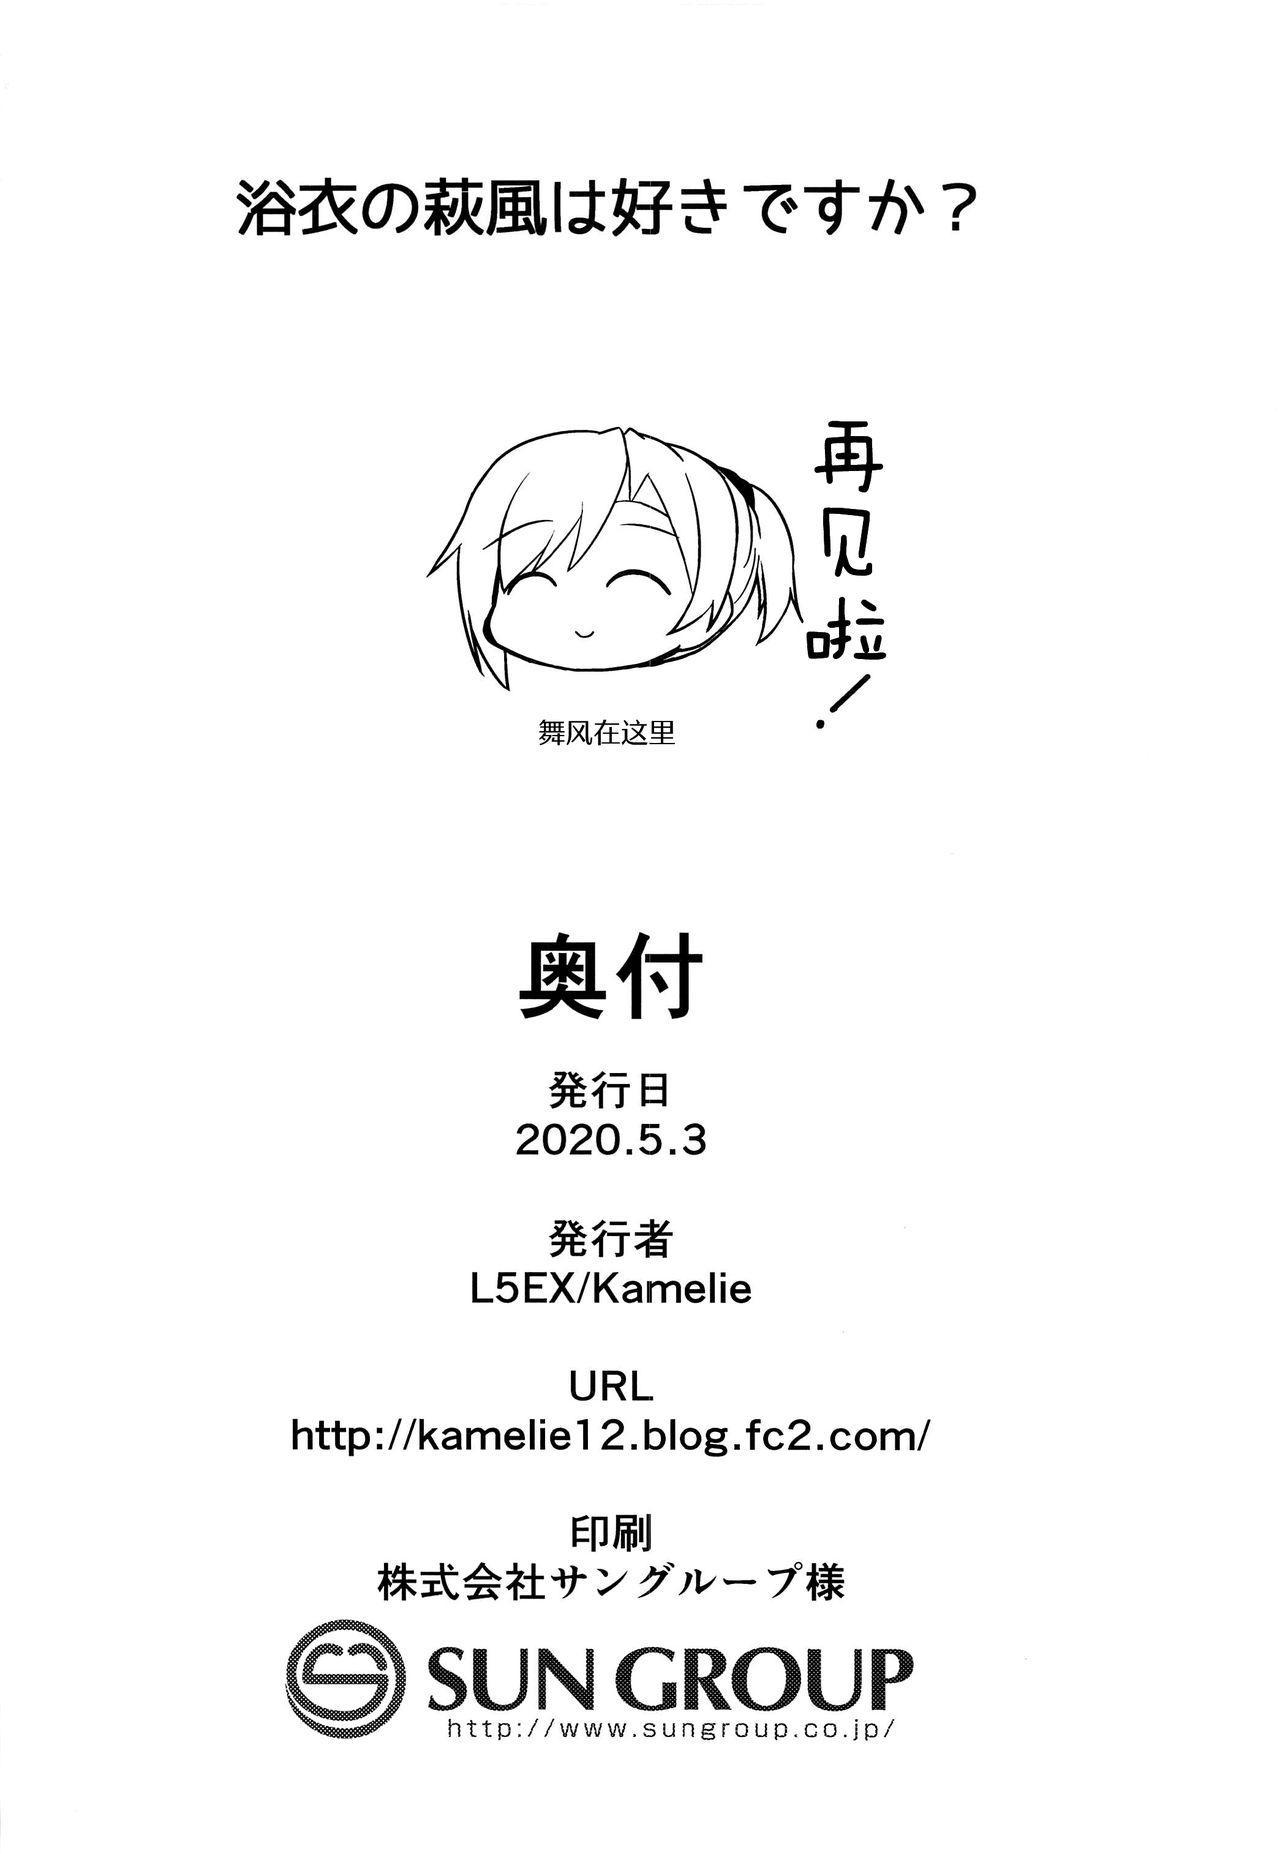 Yukata no Hagikaze wa Suki desu ka? 24